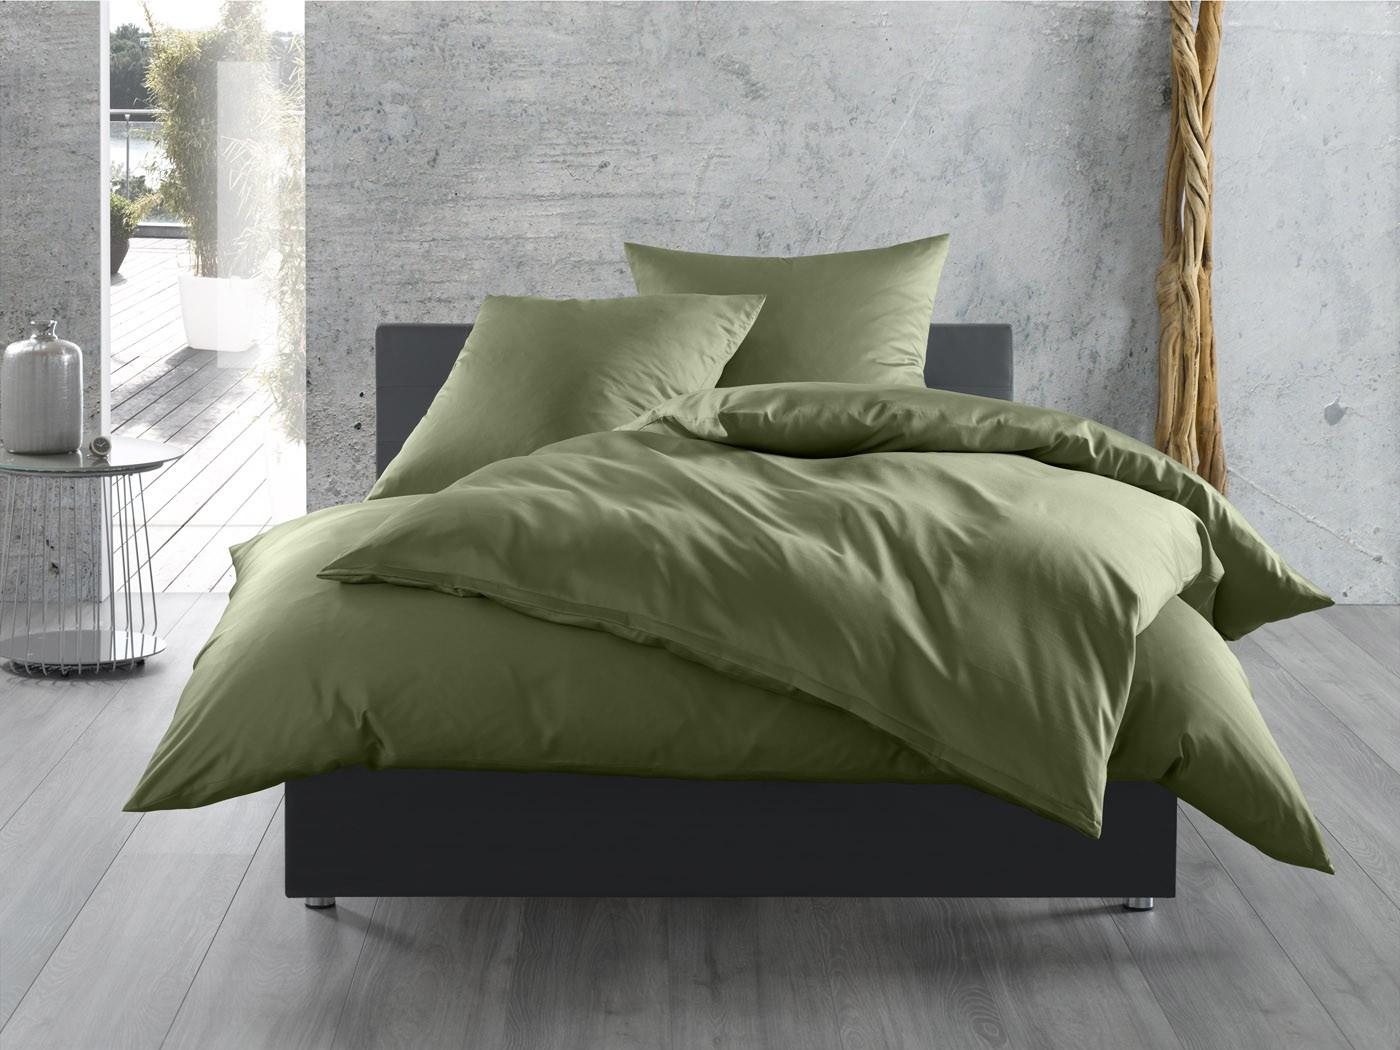 Einfarbige Mako Satin Bettwäsche 155x200 In Khaki Bei